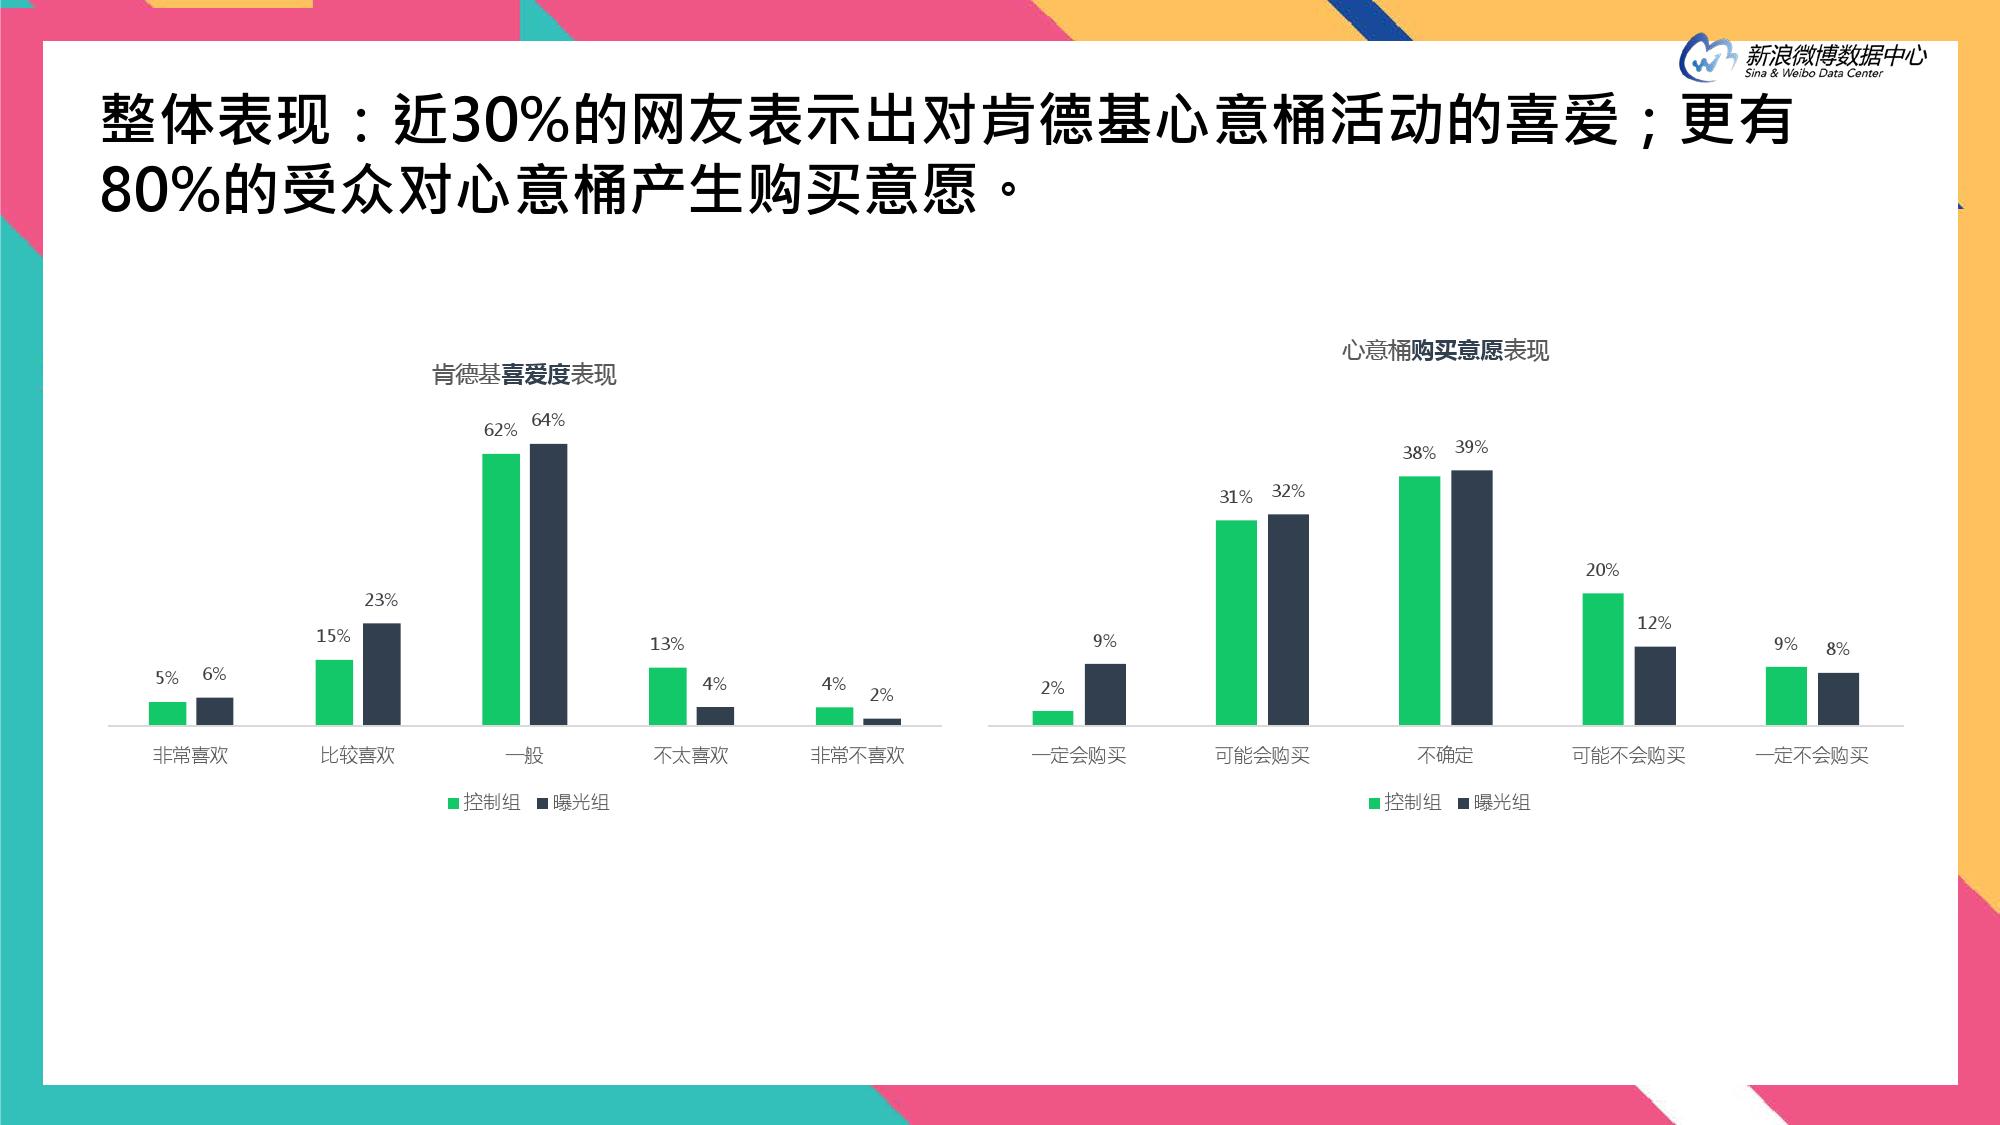 2016%e5%b9%b4%e5%be%ae%e5%8d%9a%e9%a3%9f%e5%93%81%e9%a5%ae%e6%96%99%e5%93%81%e7%89%8c%e6%8a%a5%e5%91%8a_000026